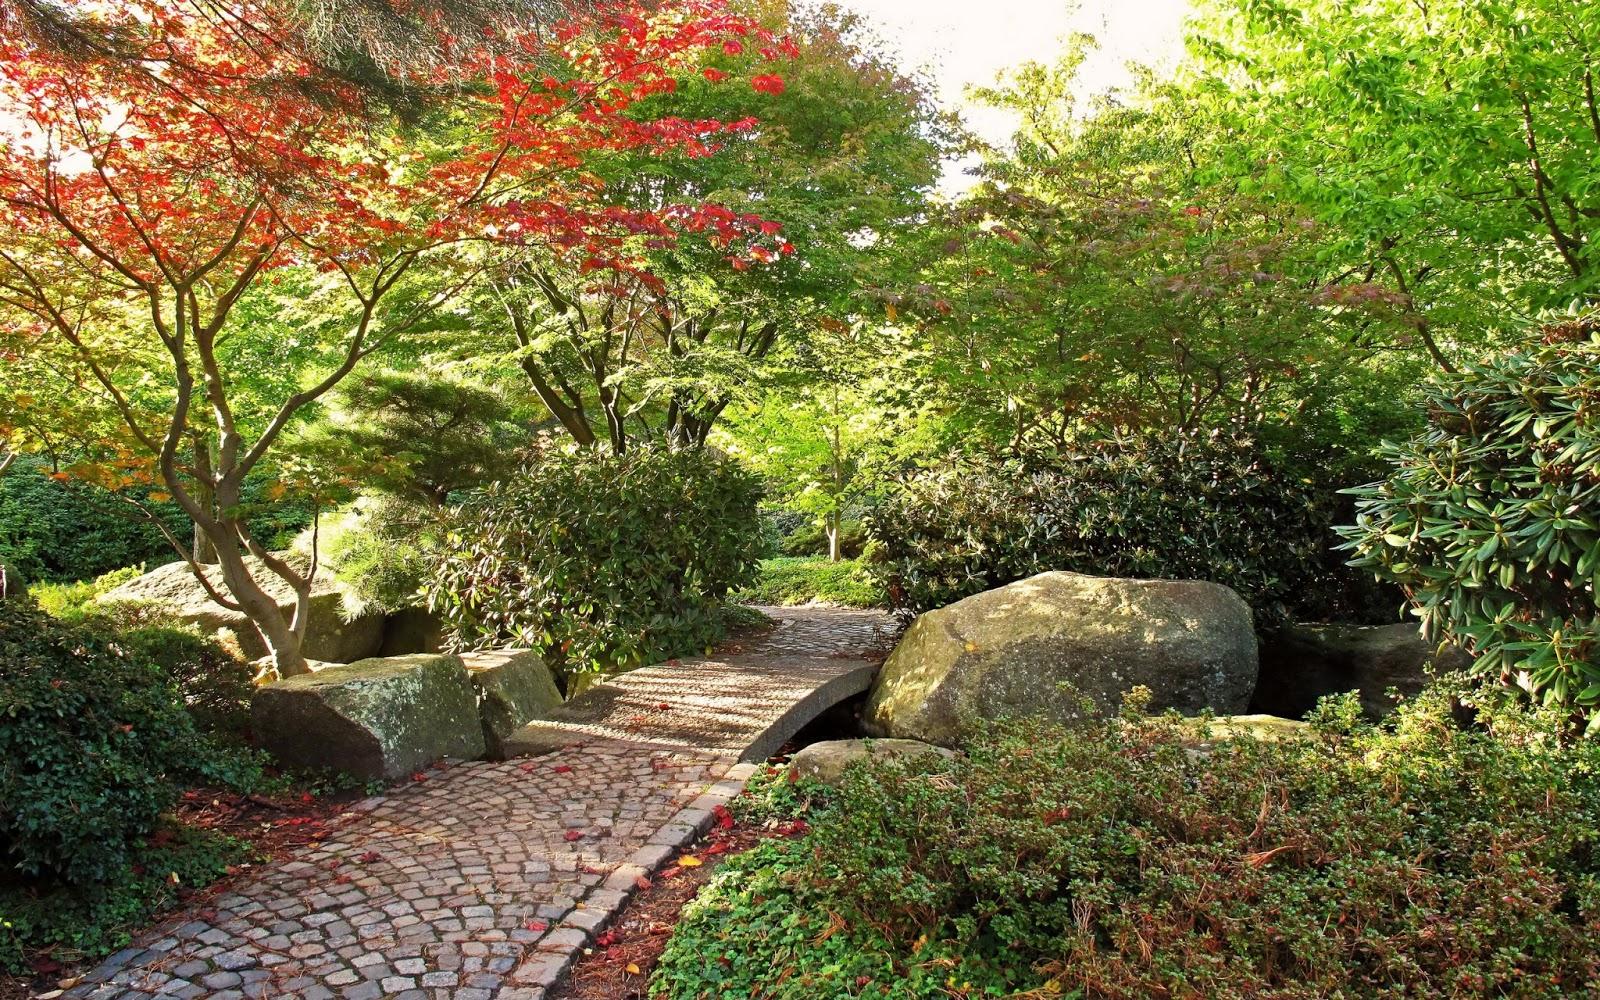 Caminando por un jard n bot nico fotos e im genes en for Fotos de jardines